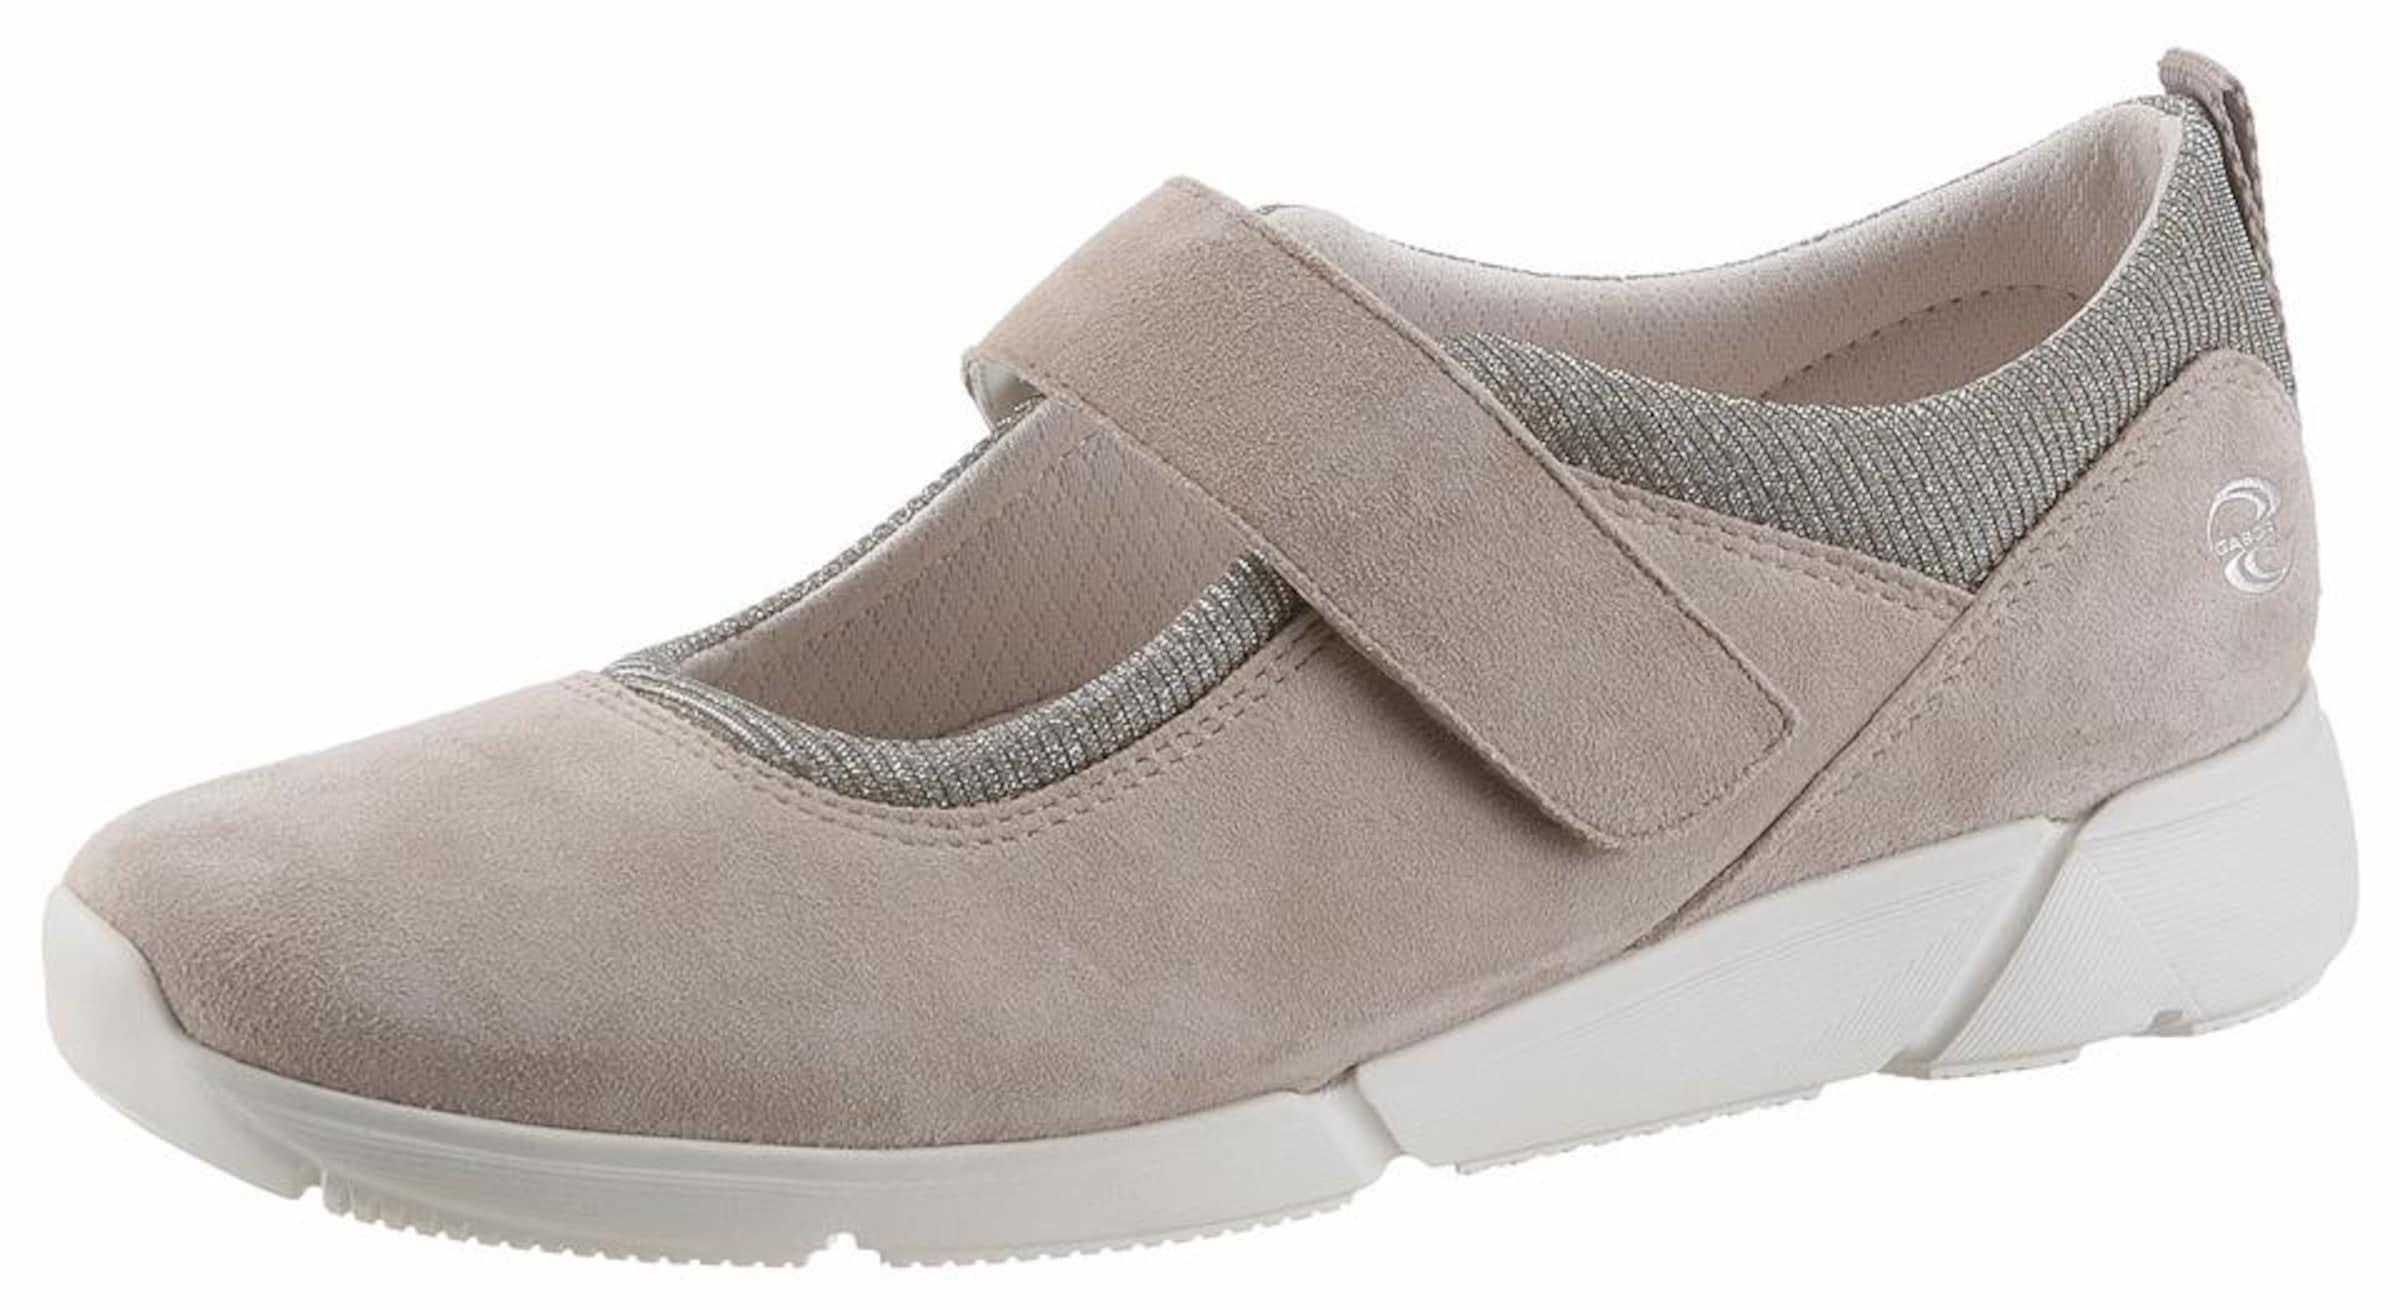 Haltbare Mode billige Schuhe Gut GABOR | Riemchenballerina Schuhe Gut Schuhe getragene Schuhe c2adc7